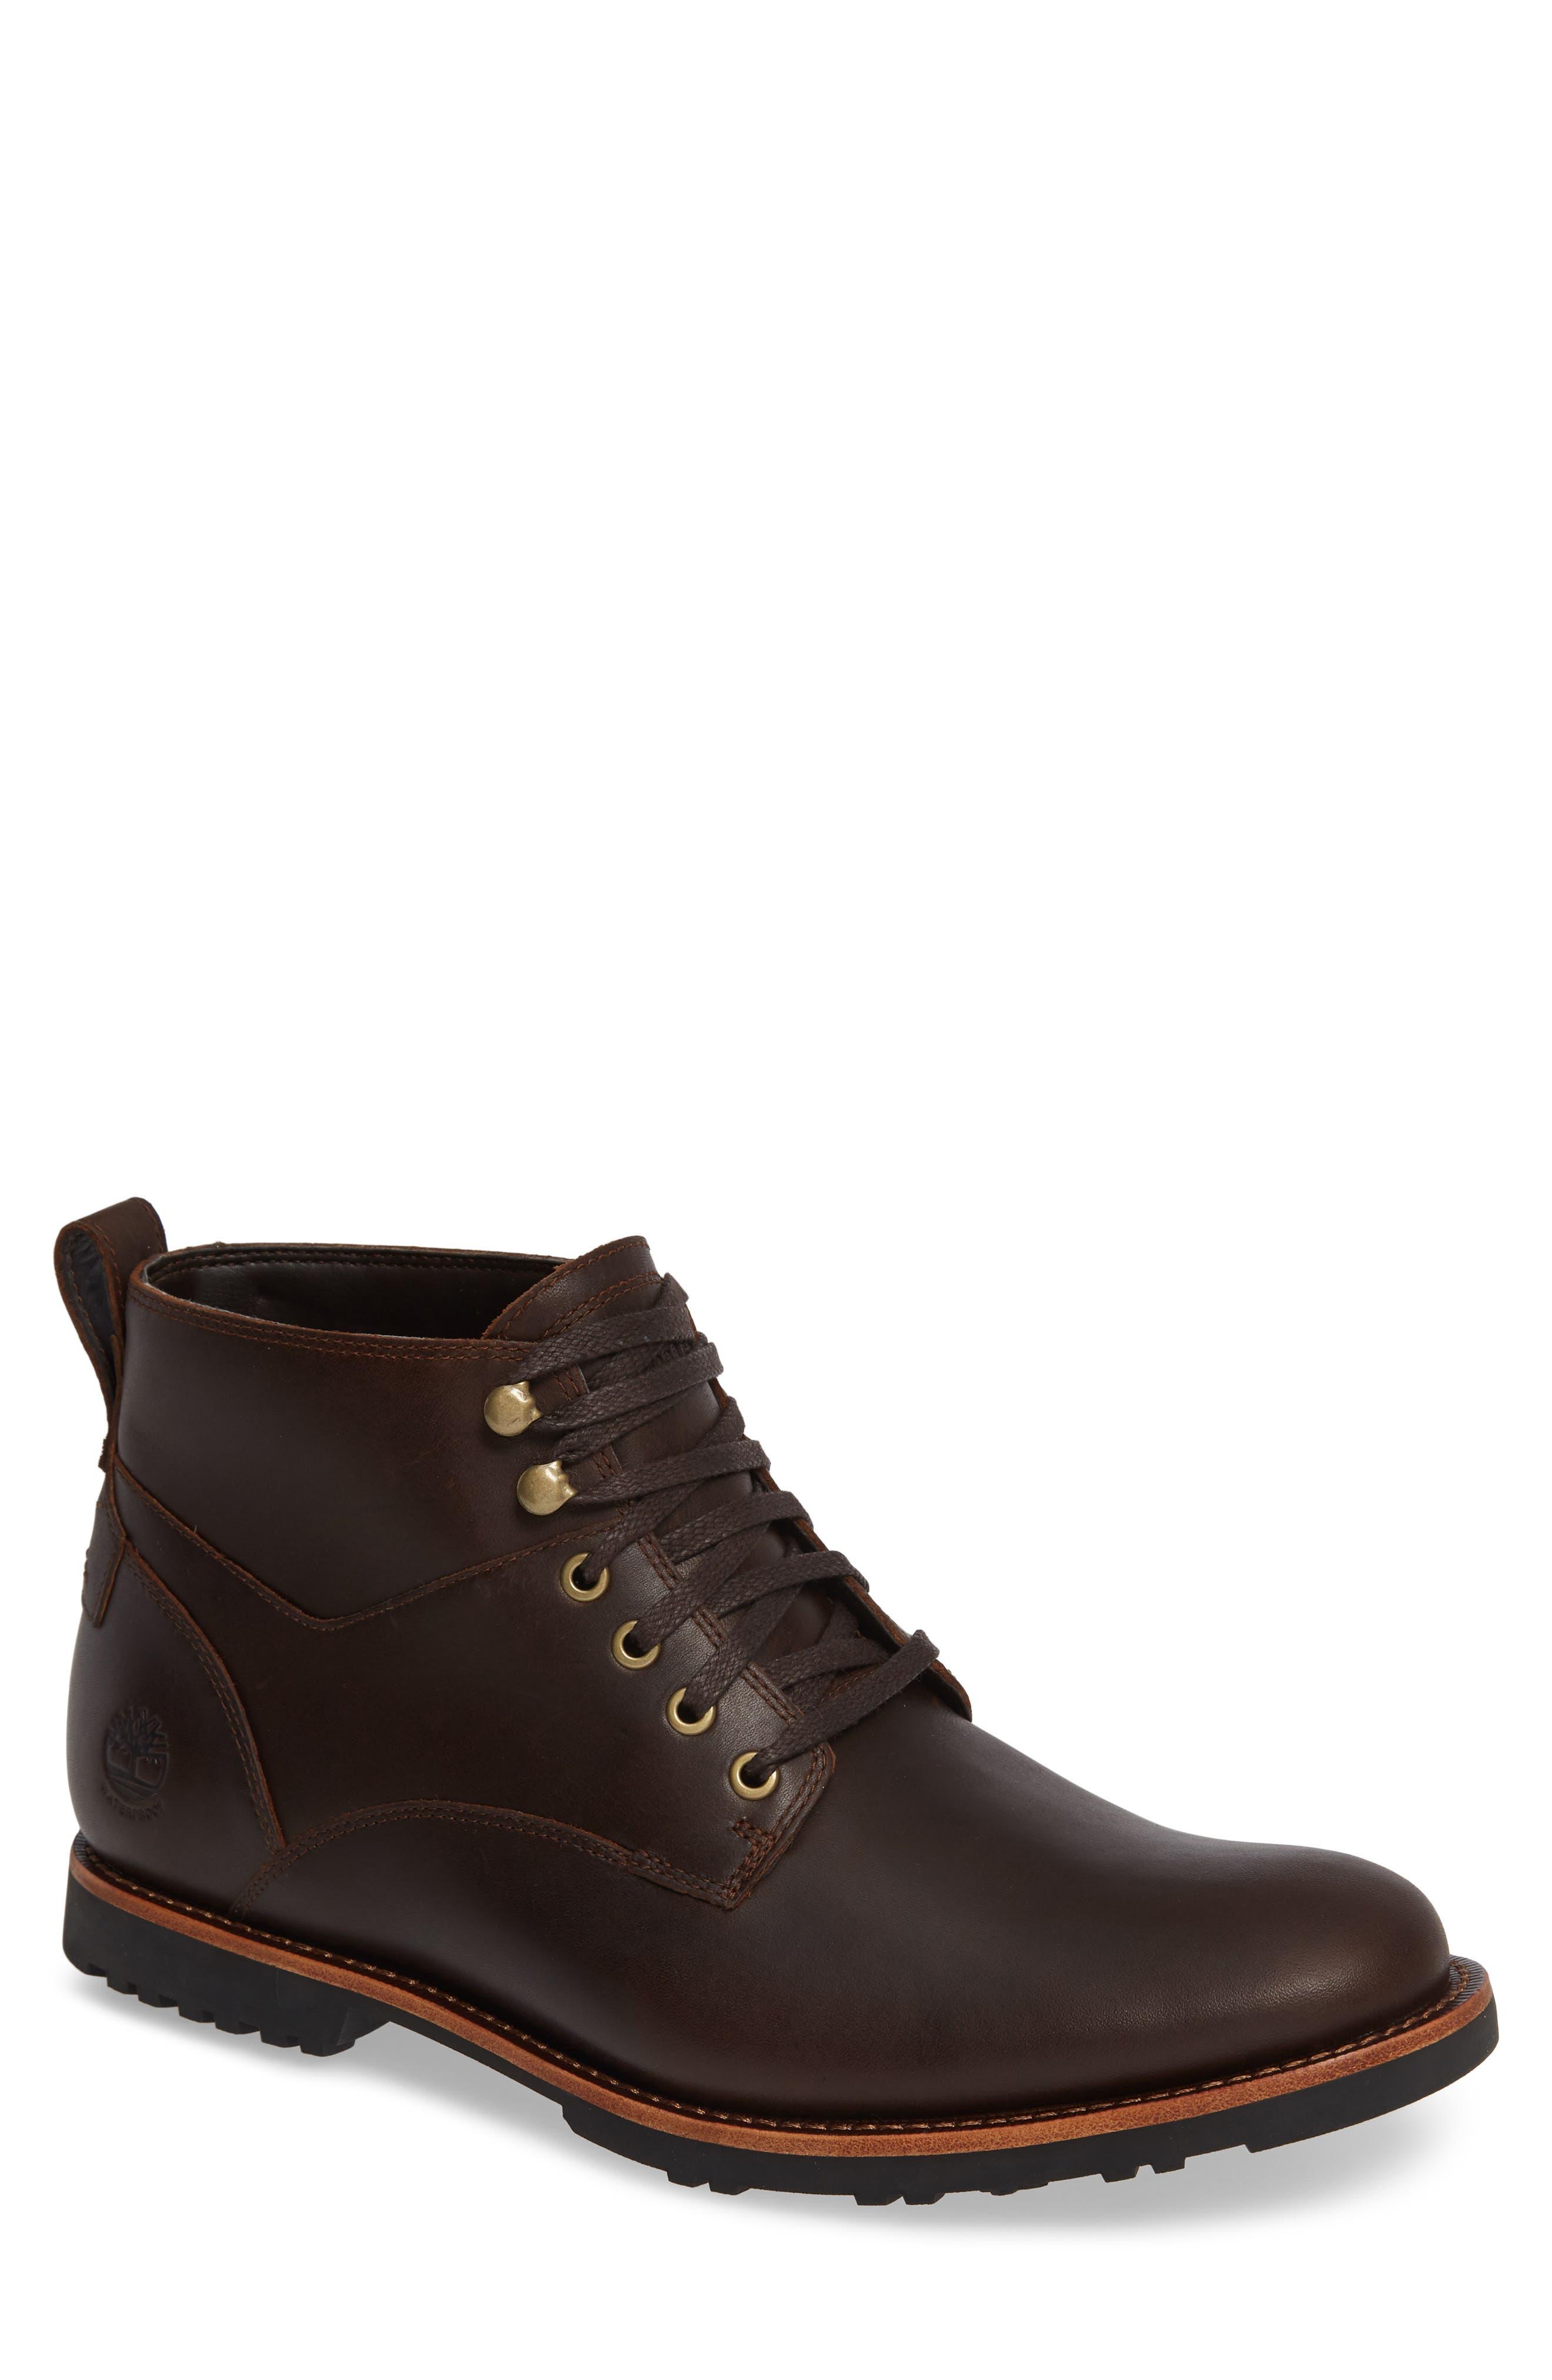 Timberland Kendrick Waterproof Chukka Boot- Brown